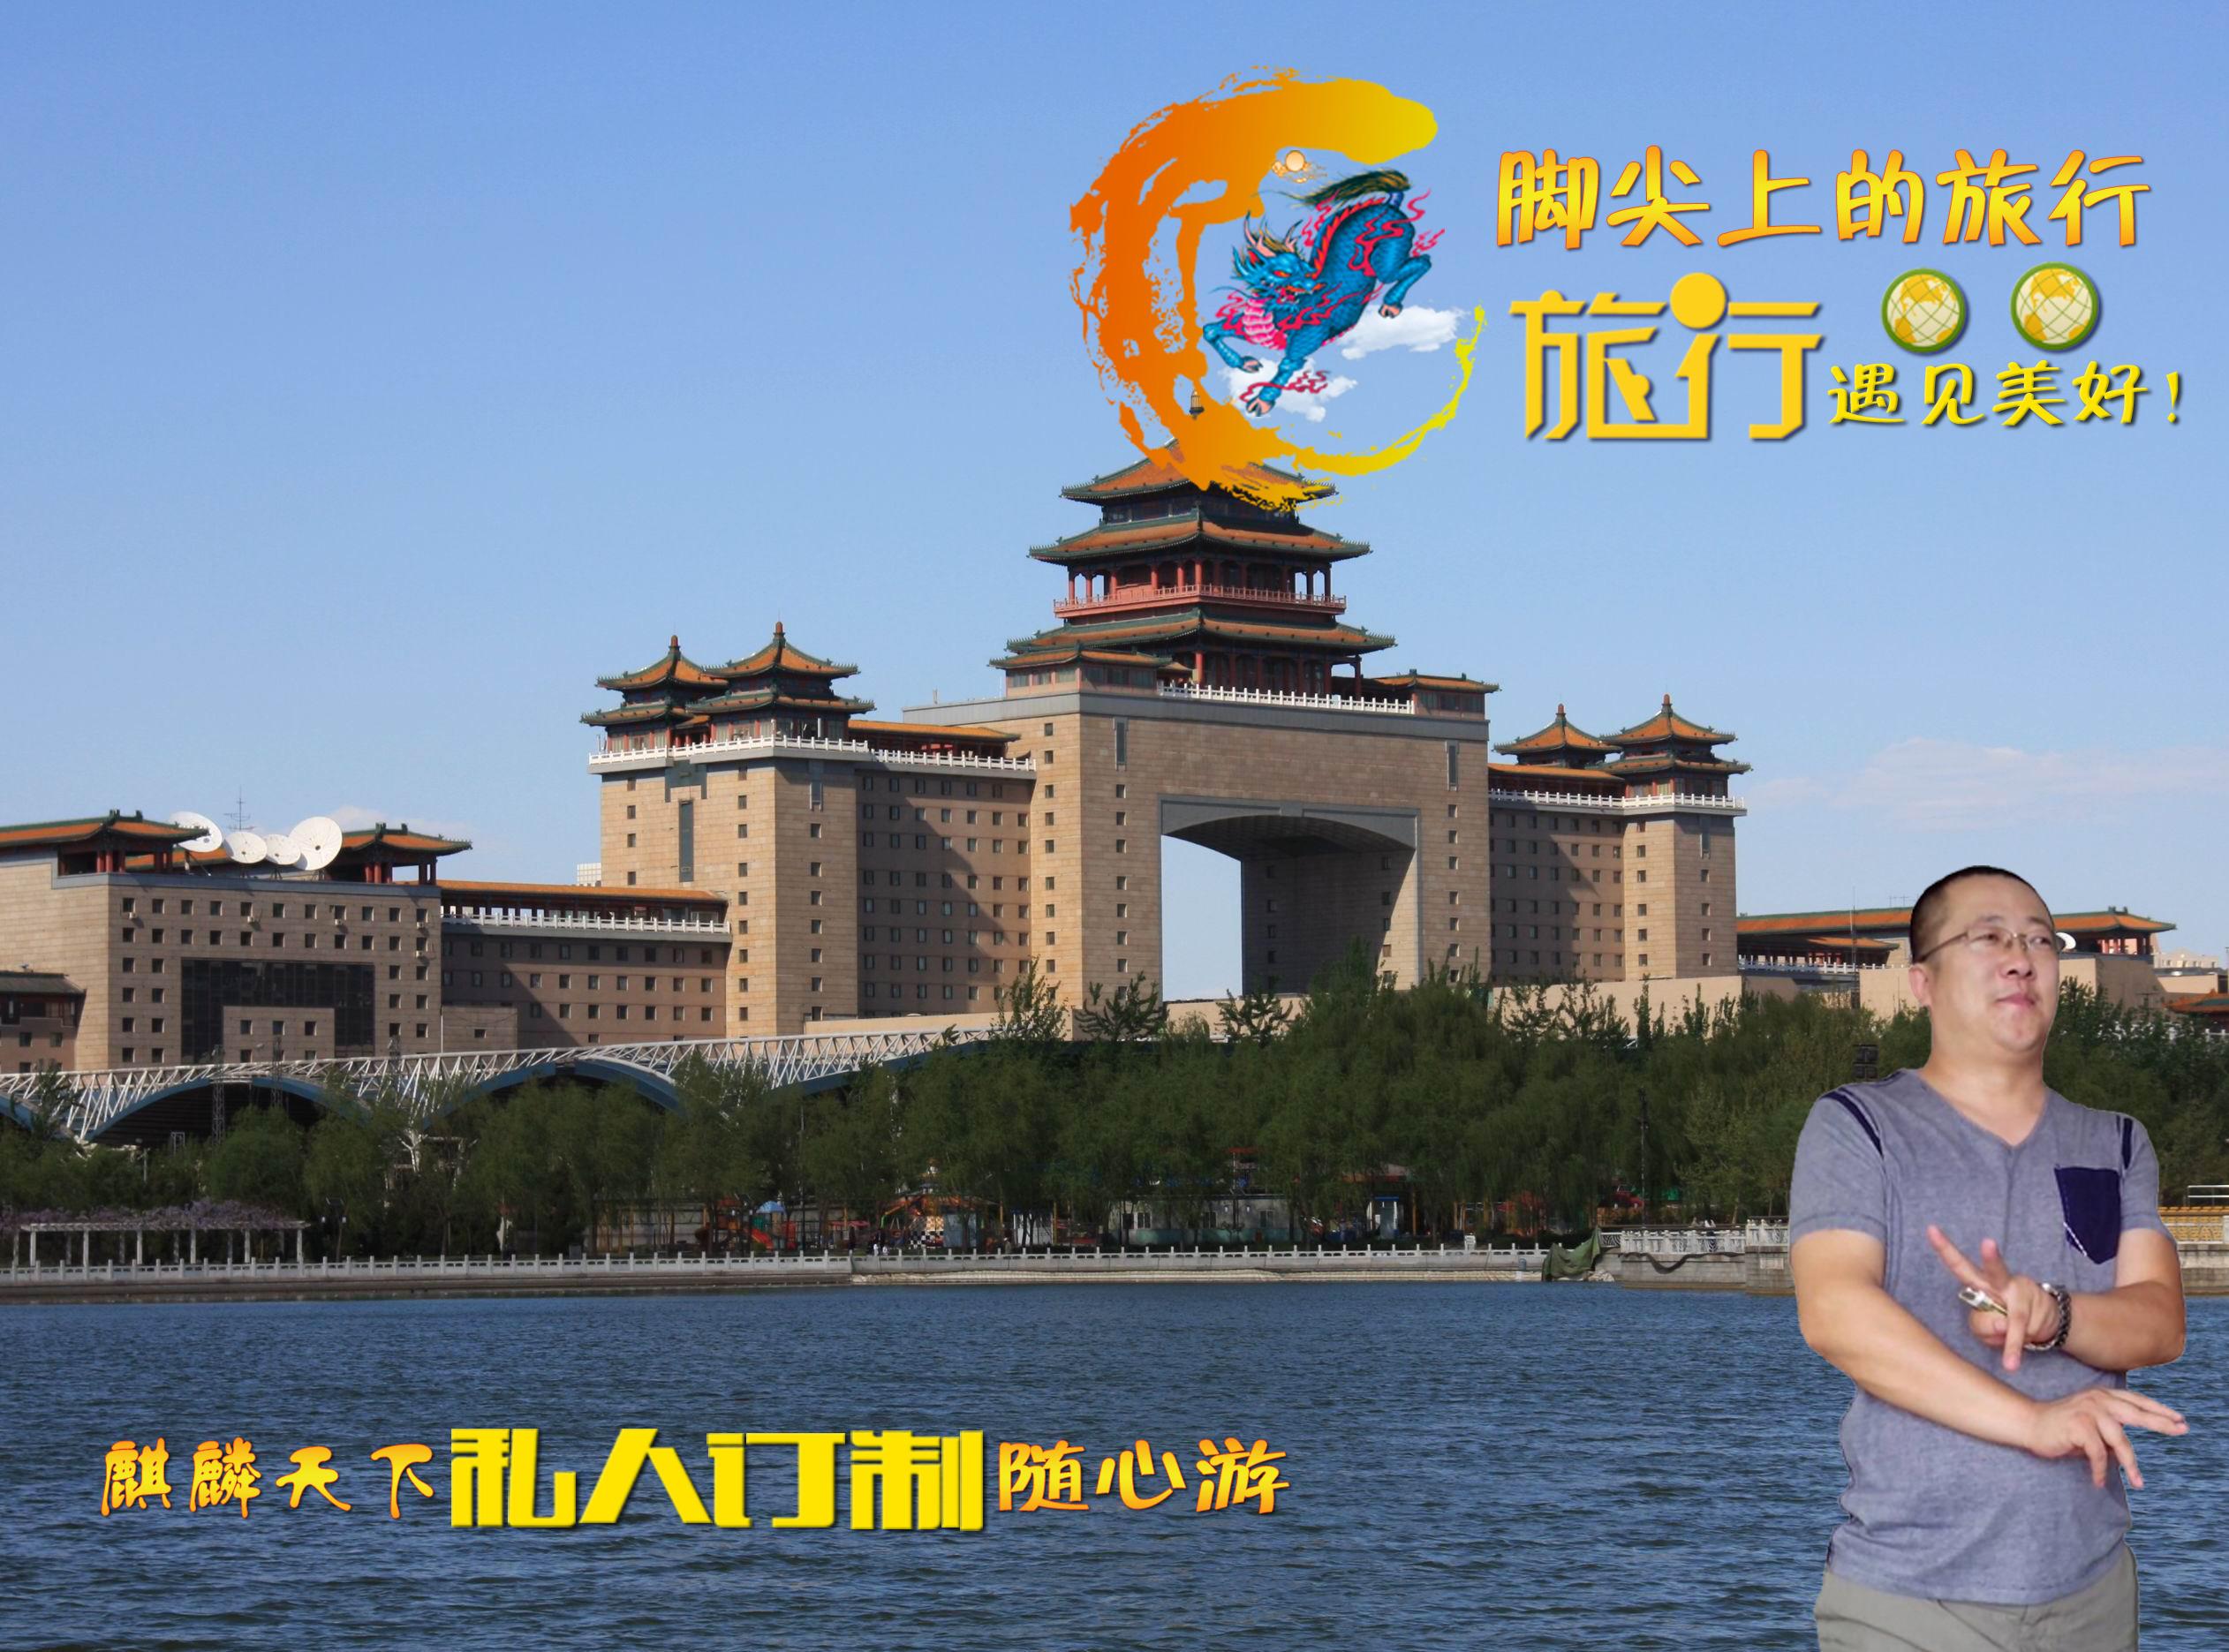 7座别克商务车南苑机场首都机场 西苑机场火车站北京站北京南站北京西站北京北站